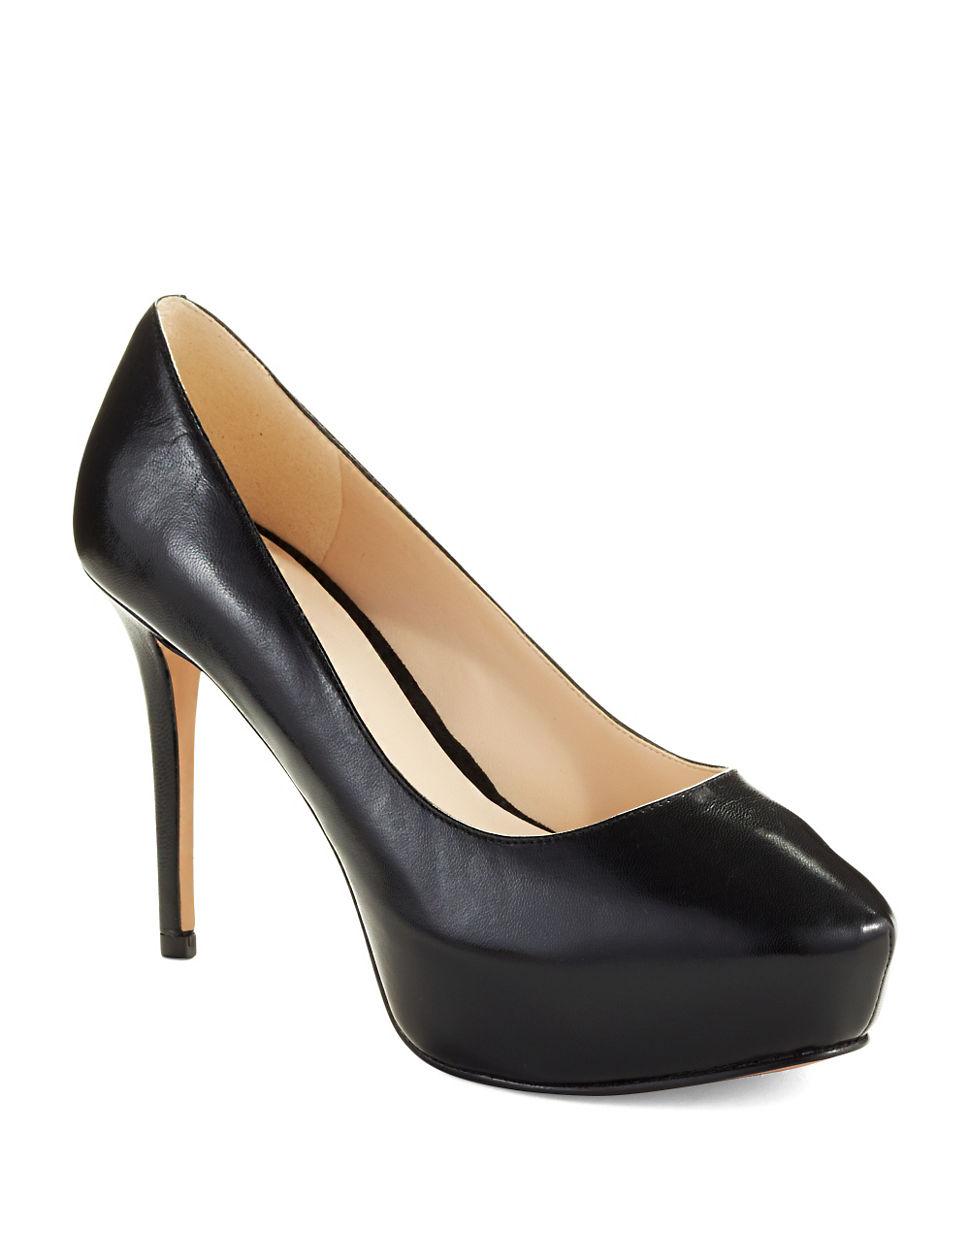 Juliette Shoes Online